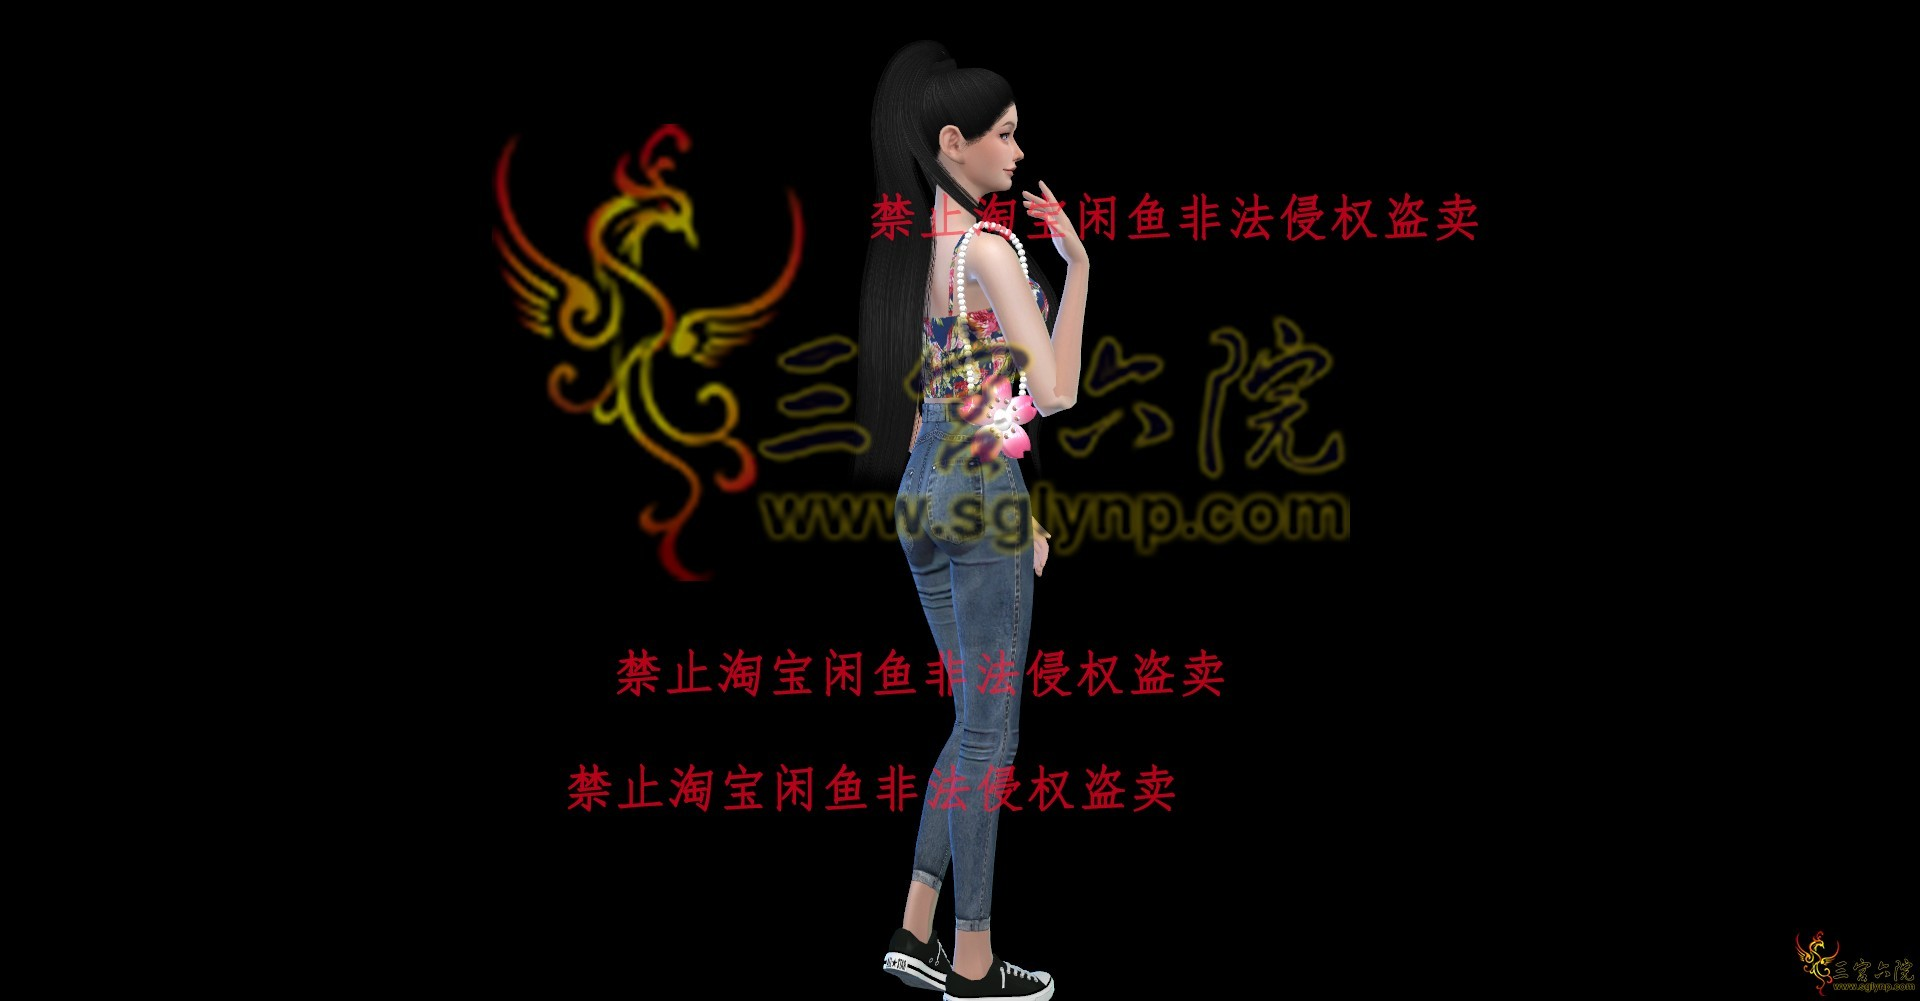 [xinxin]樱花挎包.png